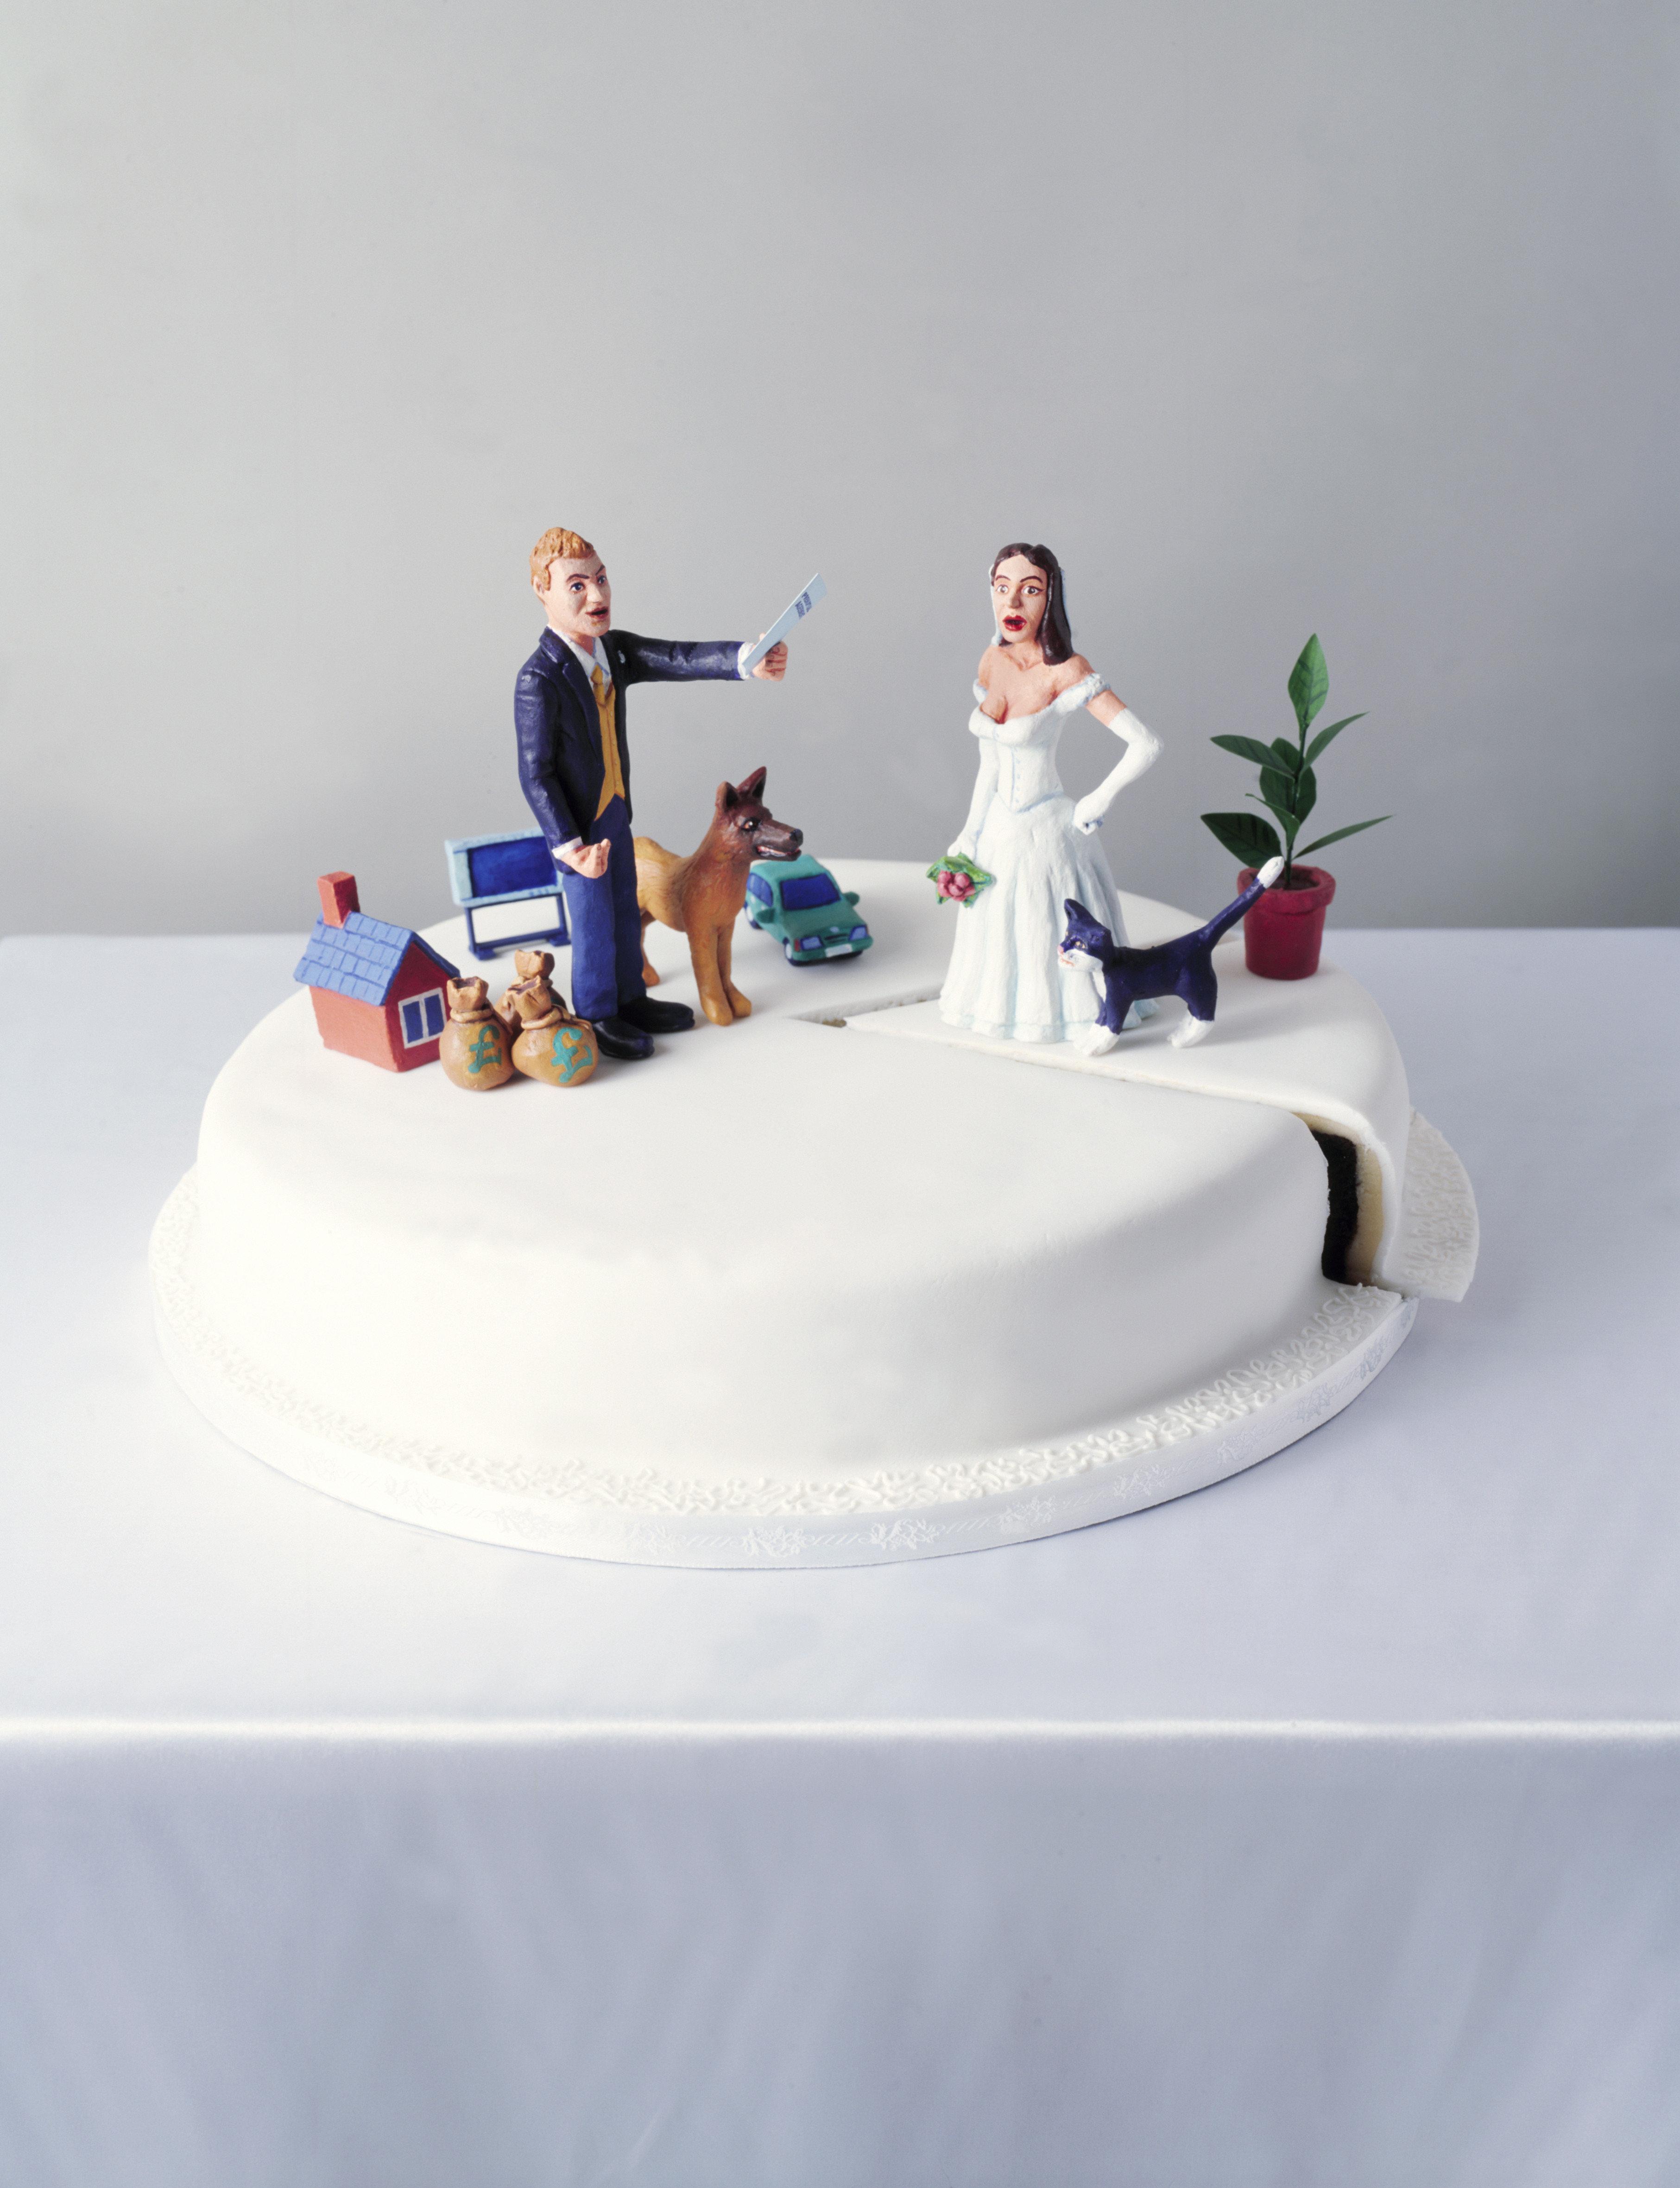 Figures on Wedding Cake